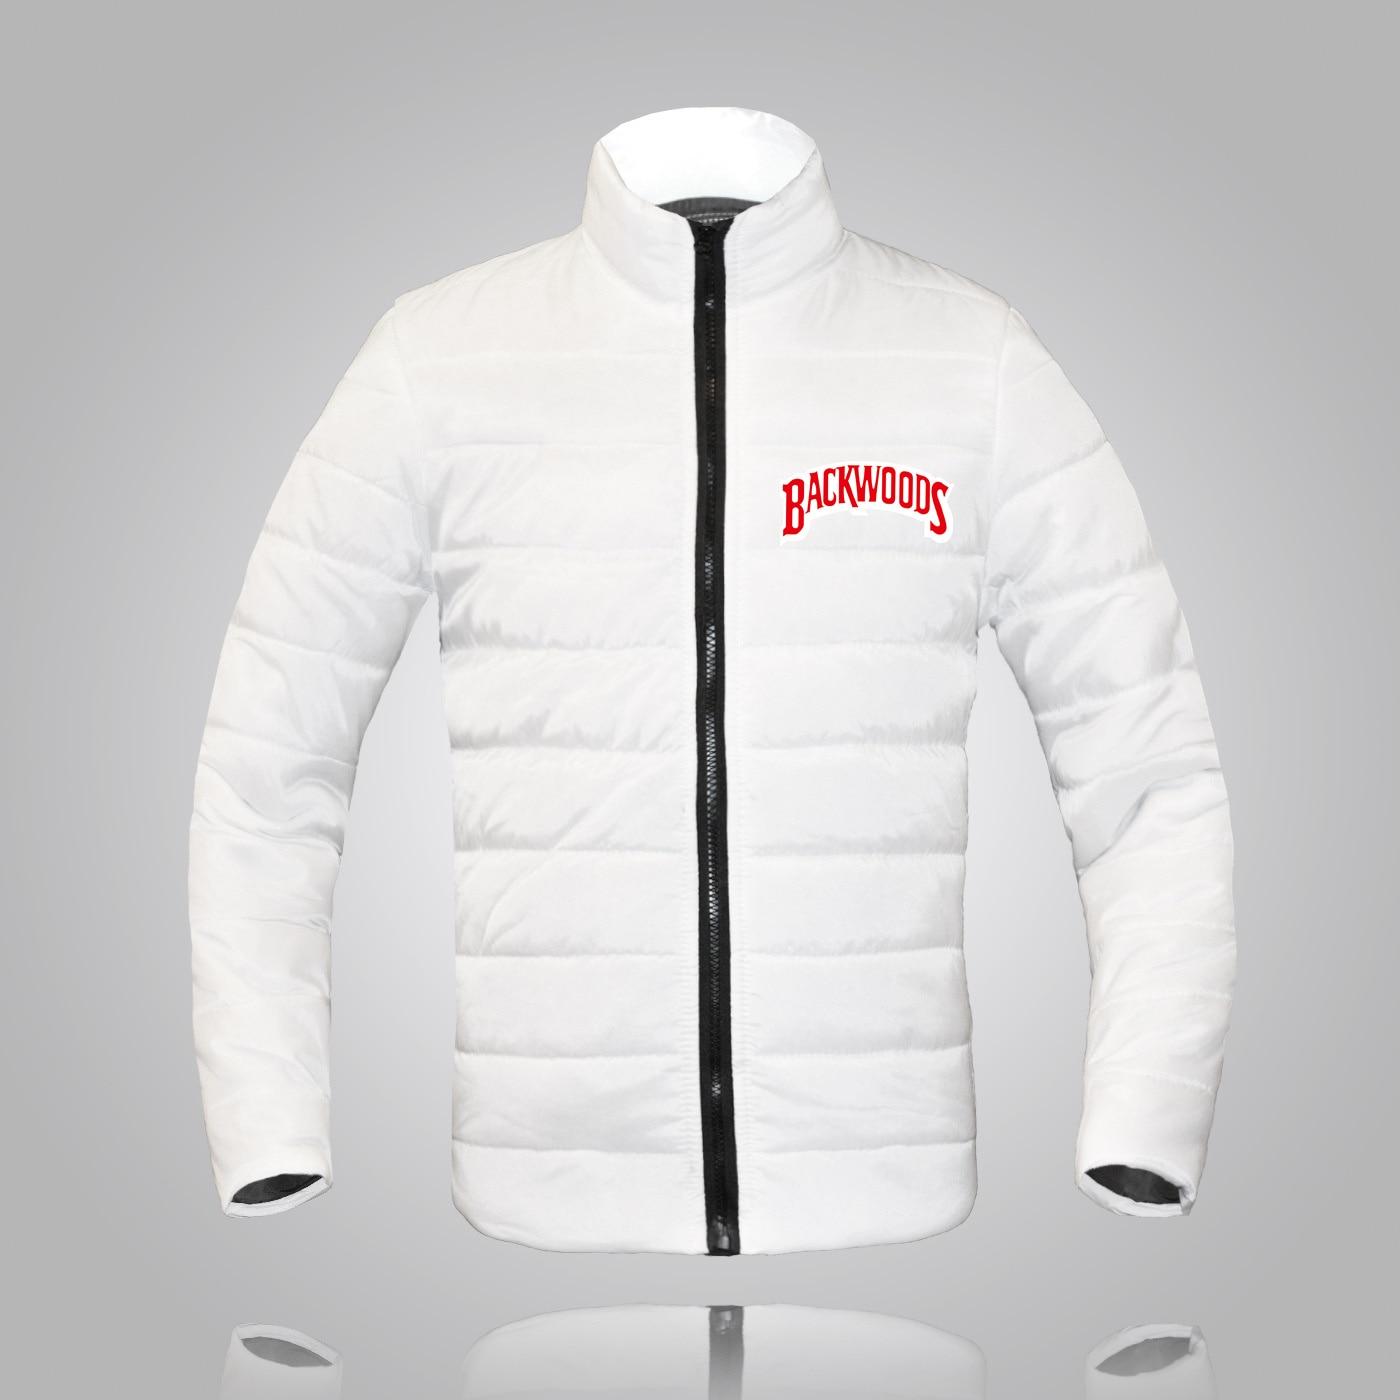 Мужская зимняя куртка, Мужская куртка на осень/зиму, мужская повседневная куртка, модный свитер, пальто с высоким воротником, Толстая куртка